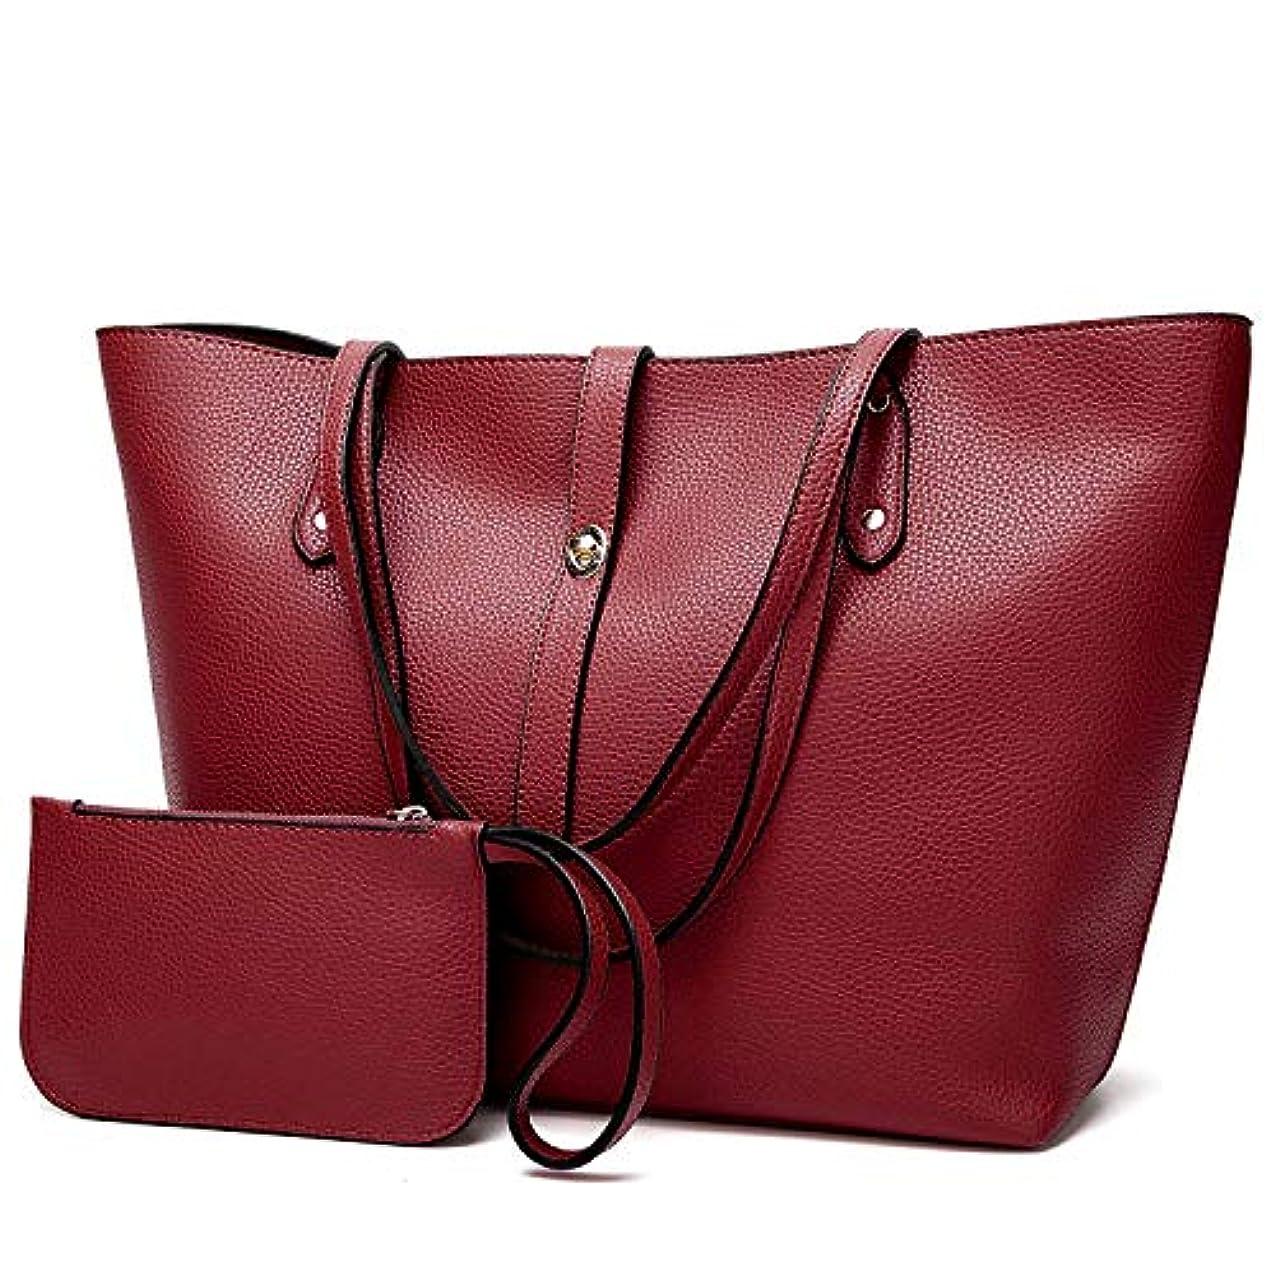 ひまわり貼り直すと[TcIFE] ハンドバッグ レディース トートバッグ 大容量 無地 ショルダーバッグ 2way 財布とハンドバッグ